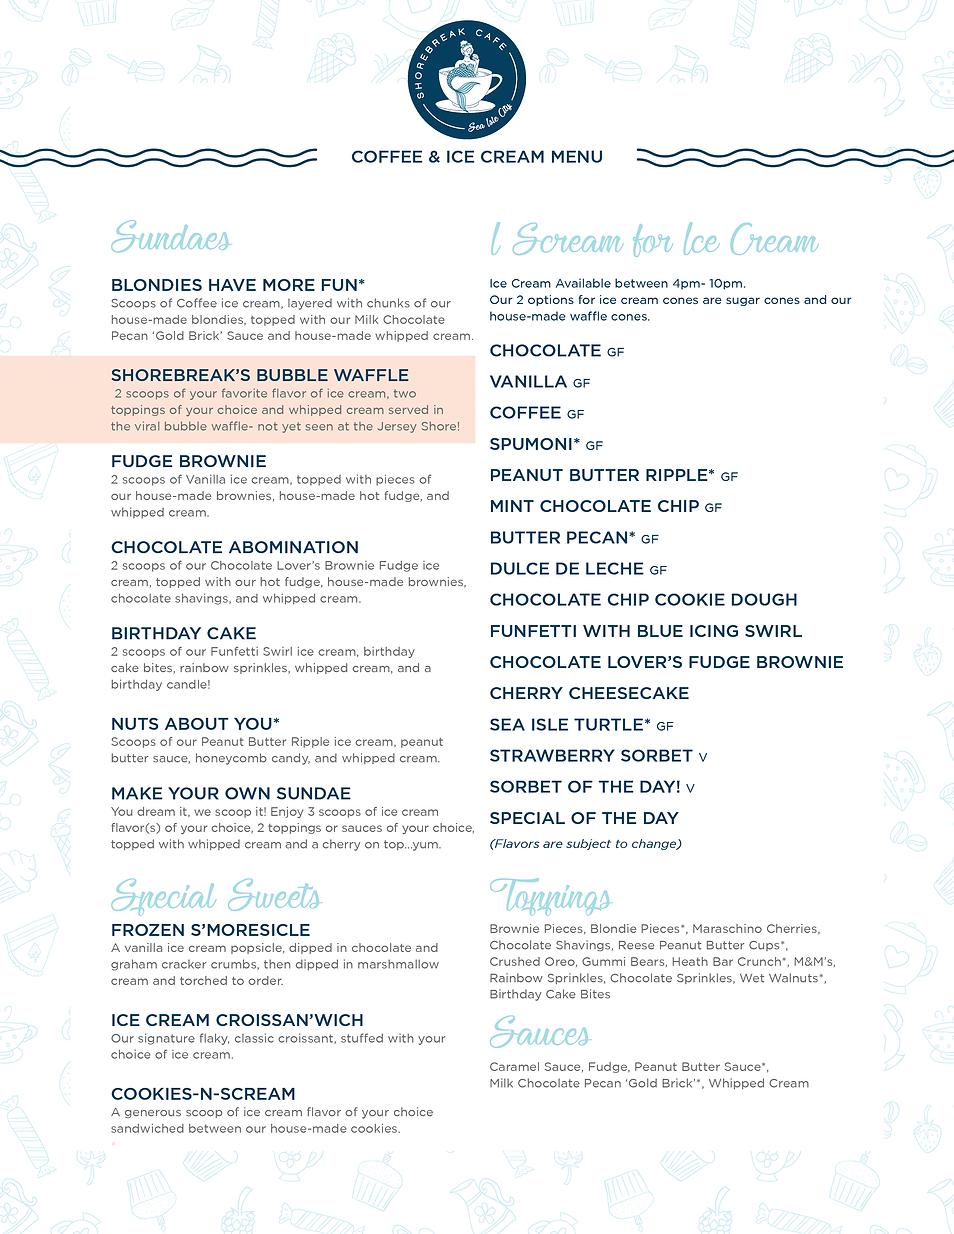 shorebreak_menus_final_July83.png